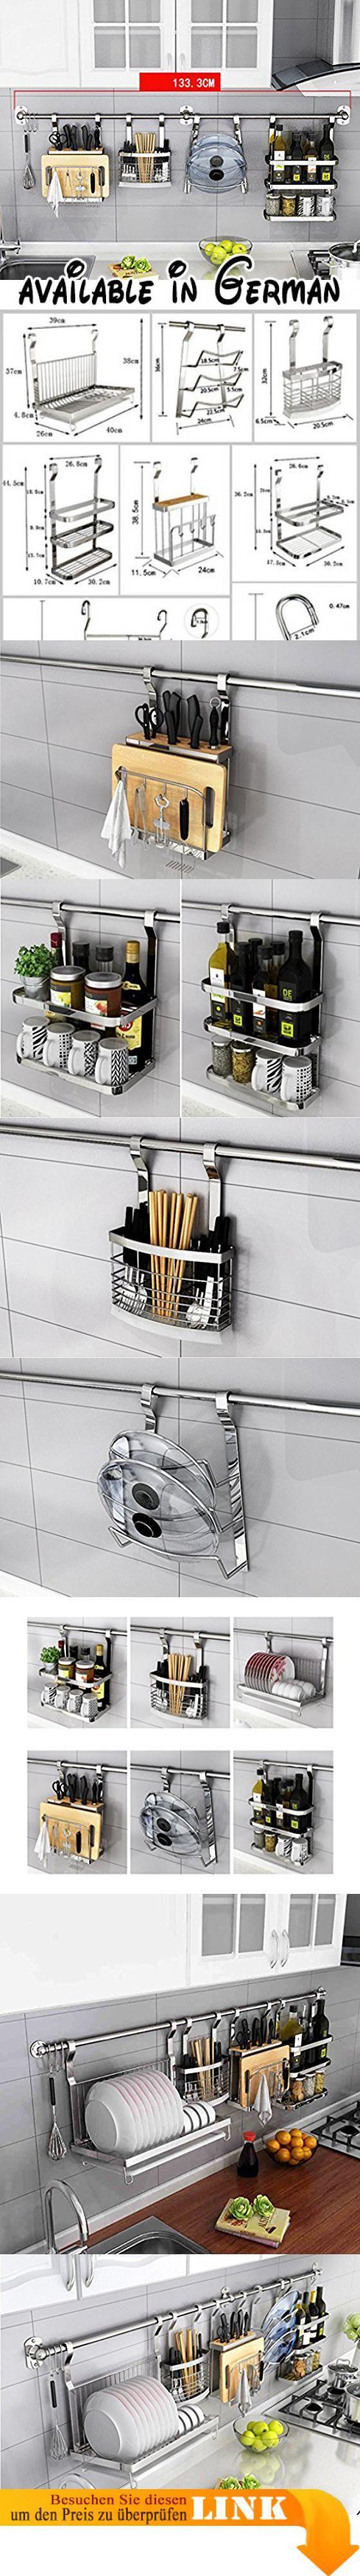 B078TXFLP3 : Küche Lagerung und Organisation Spice Racks Messer ...